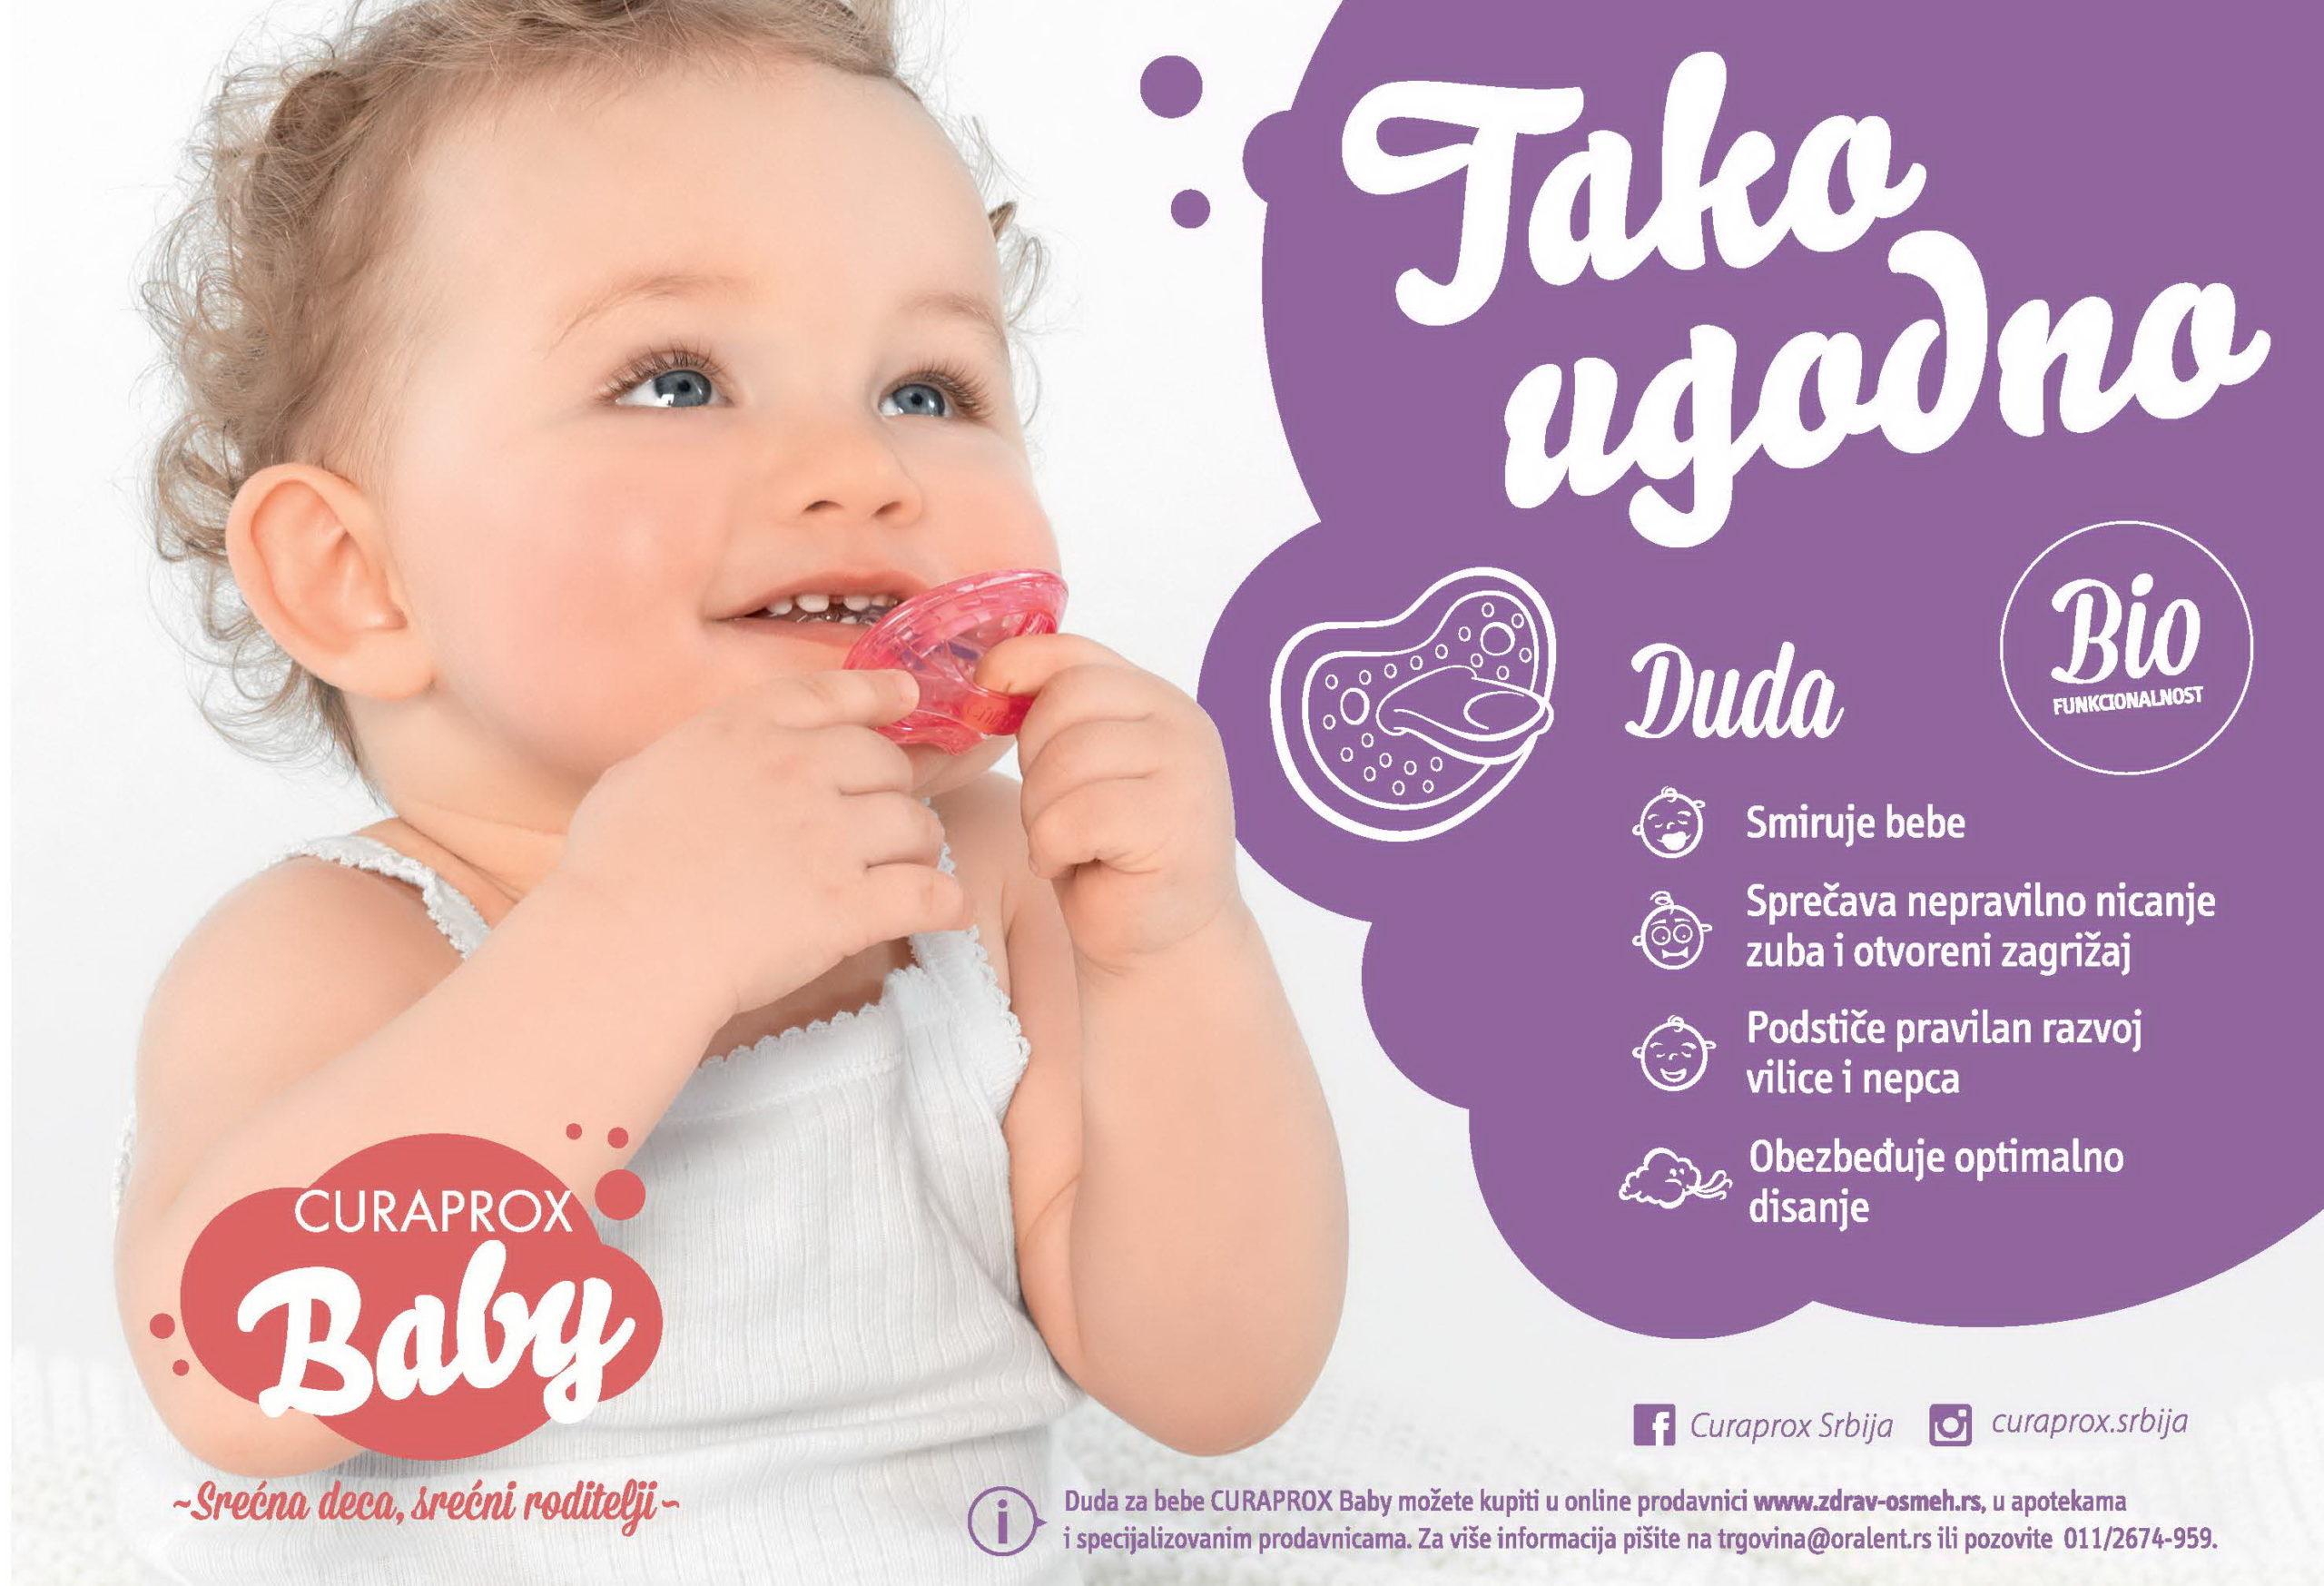 CURAPROX baby proizvodi